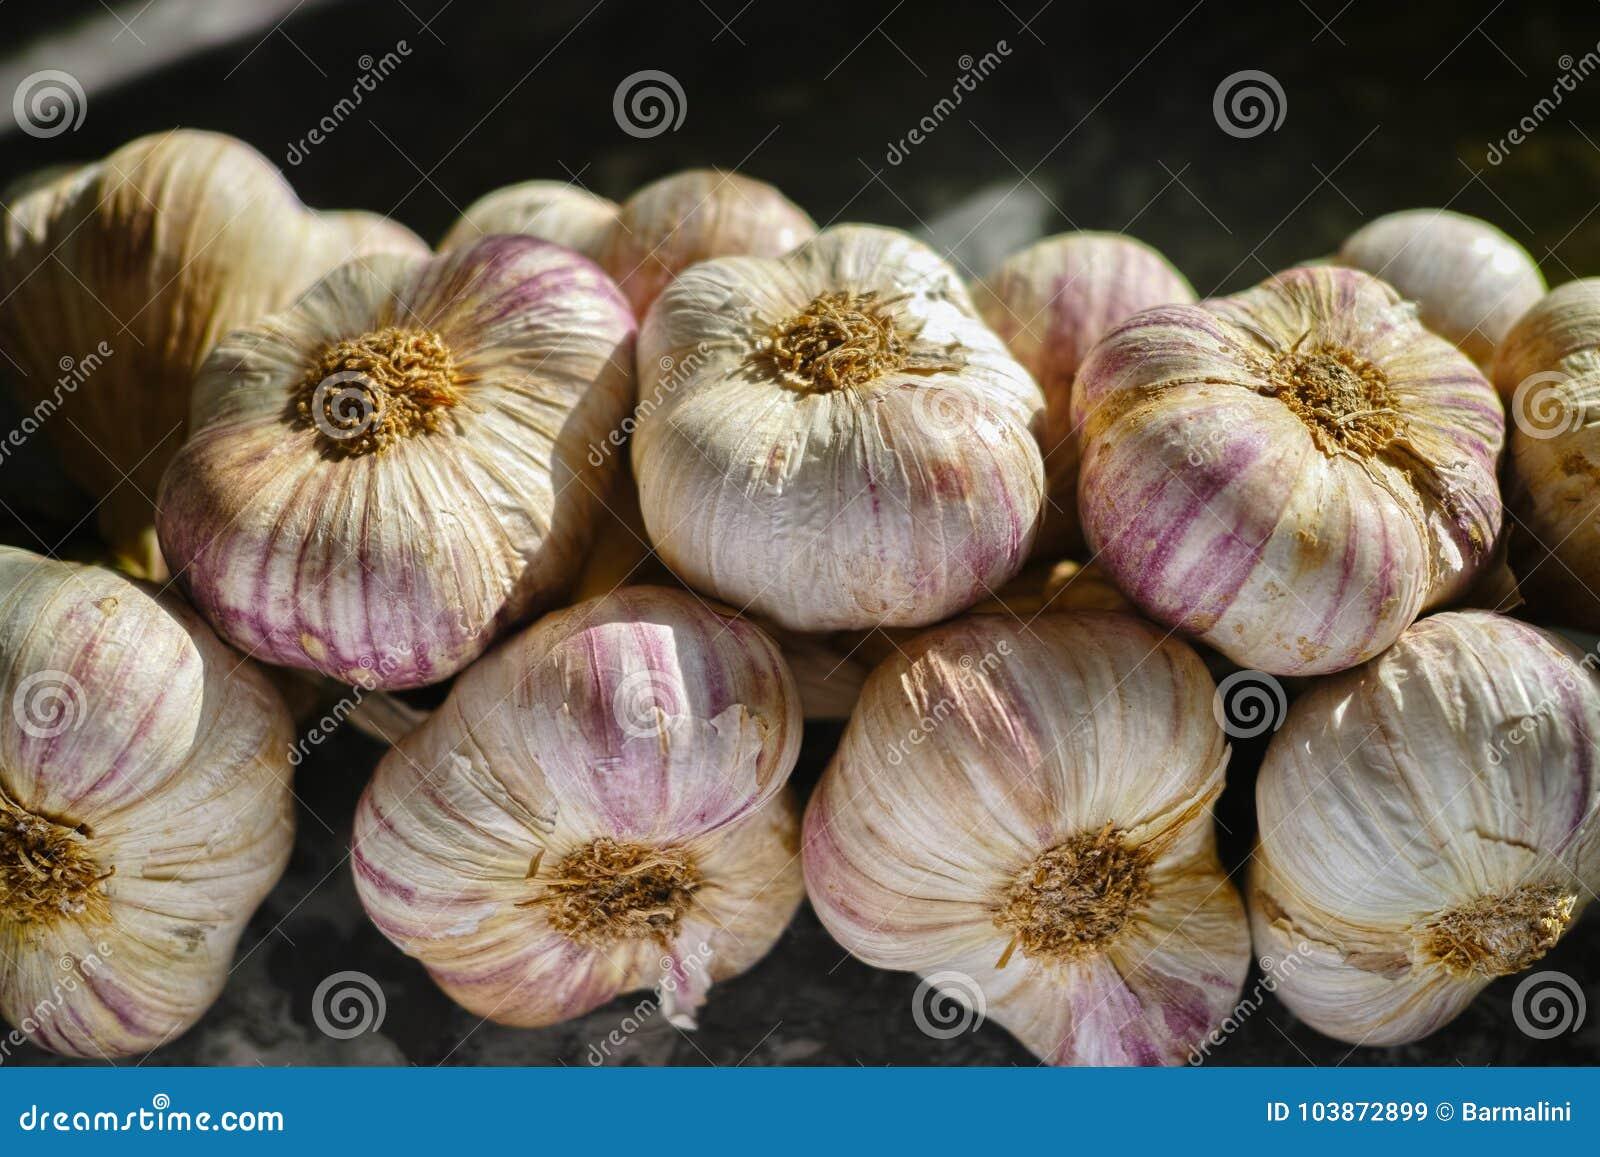 Frischer französischer violetter und rosafarbener Knoblauch von Provence, Frankreich